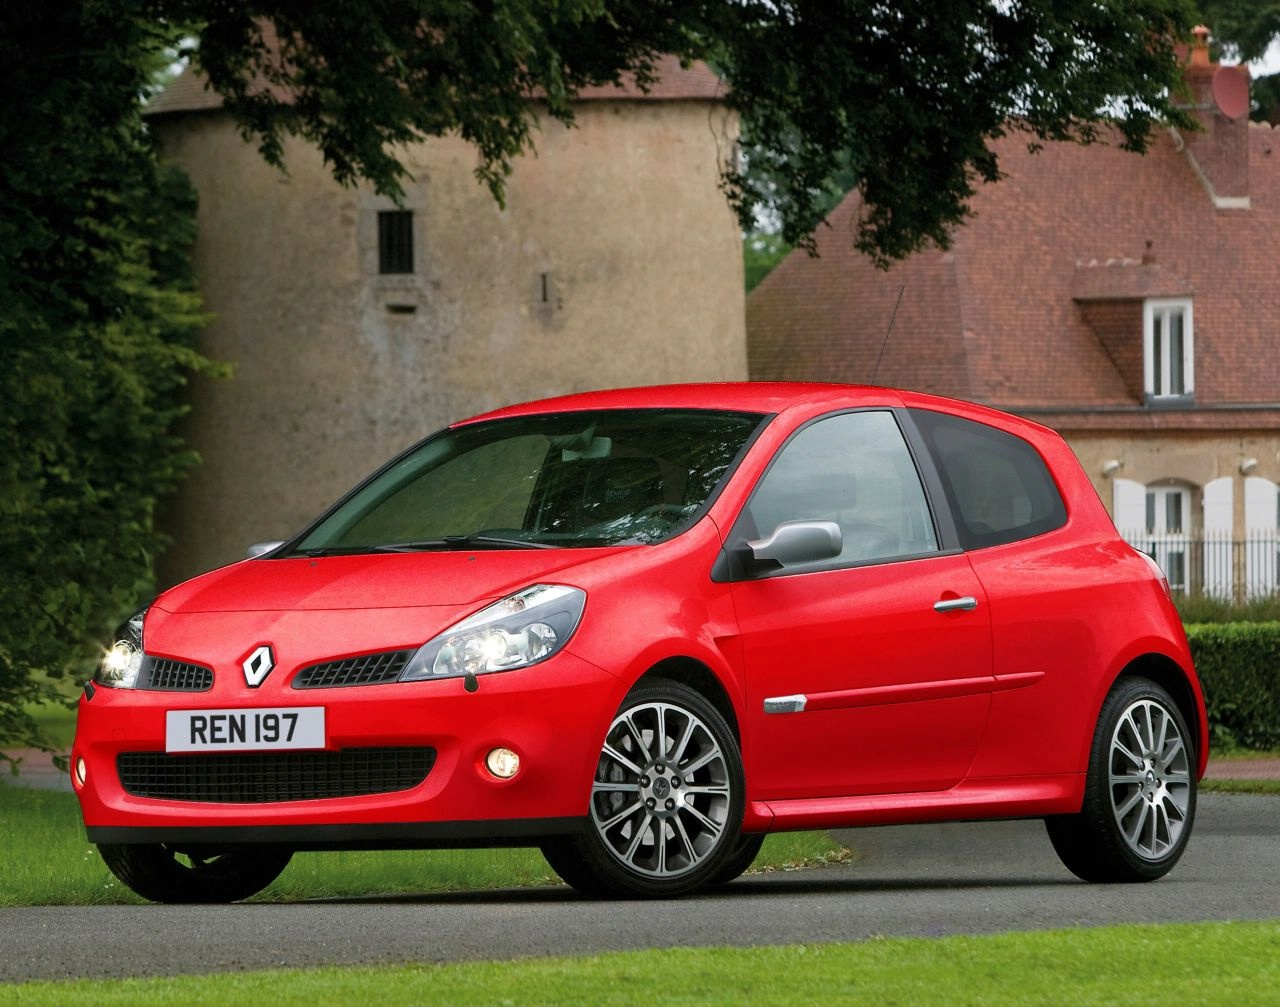 Les chiffres en image ^^ - Page 9 S0-Renault-Sport-Clio-197-Lux-reservee-au-marche-anglais-116578